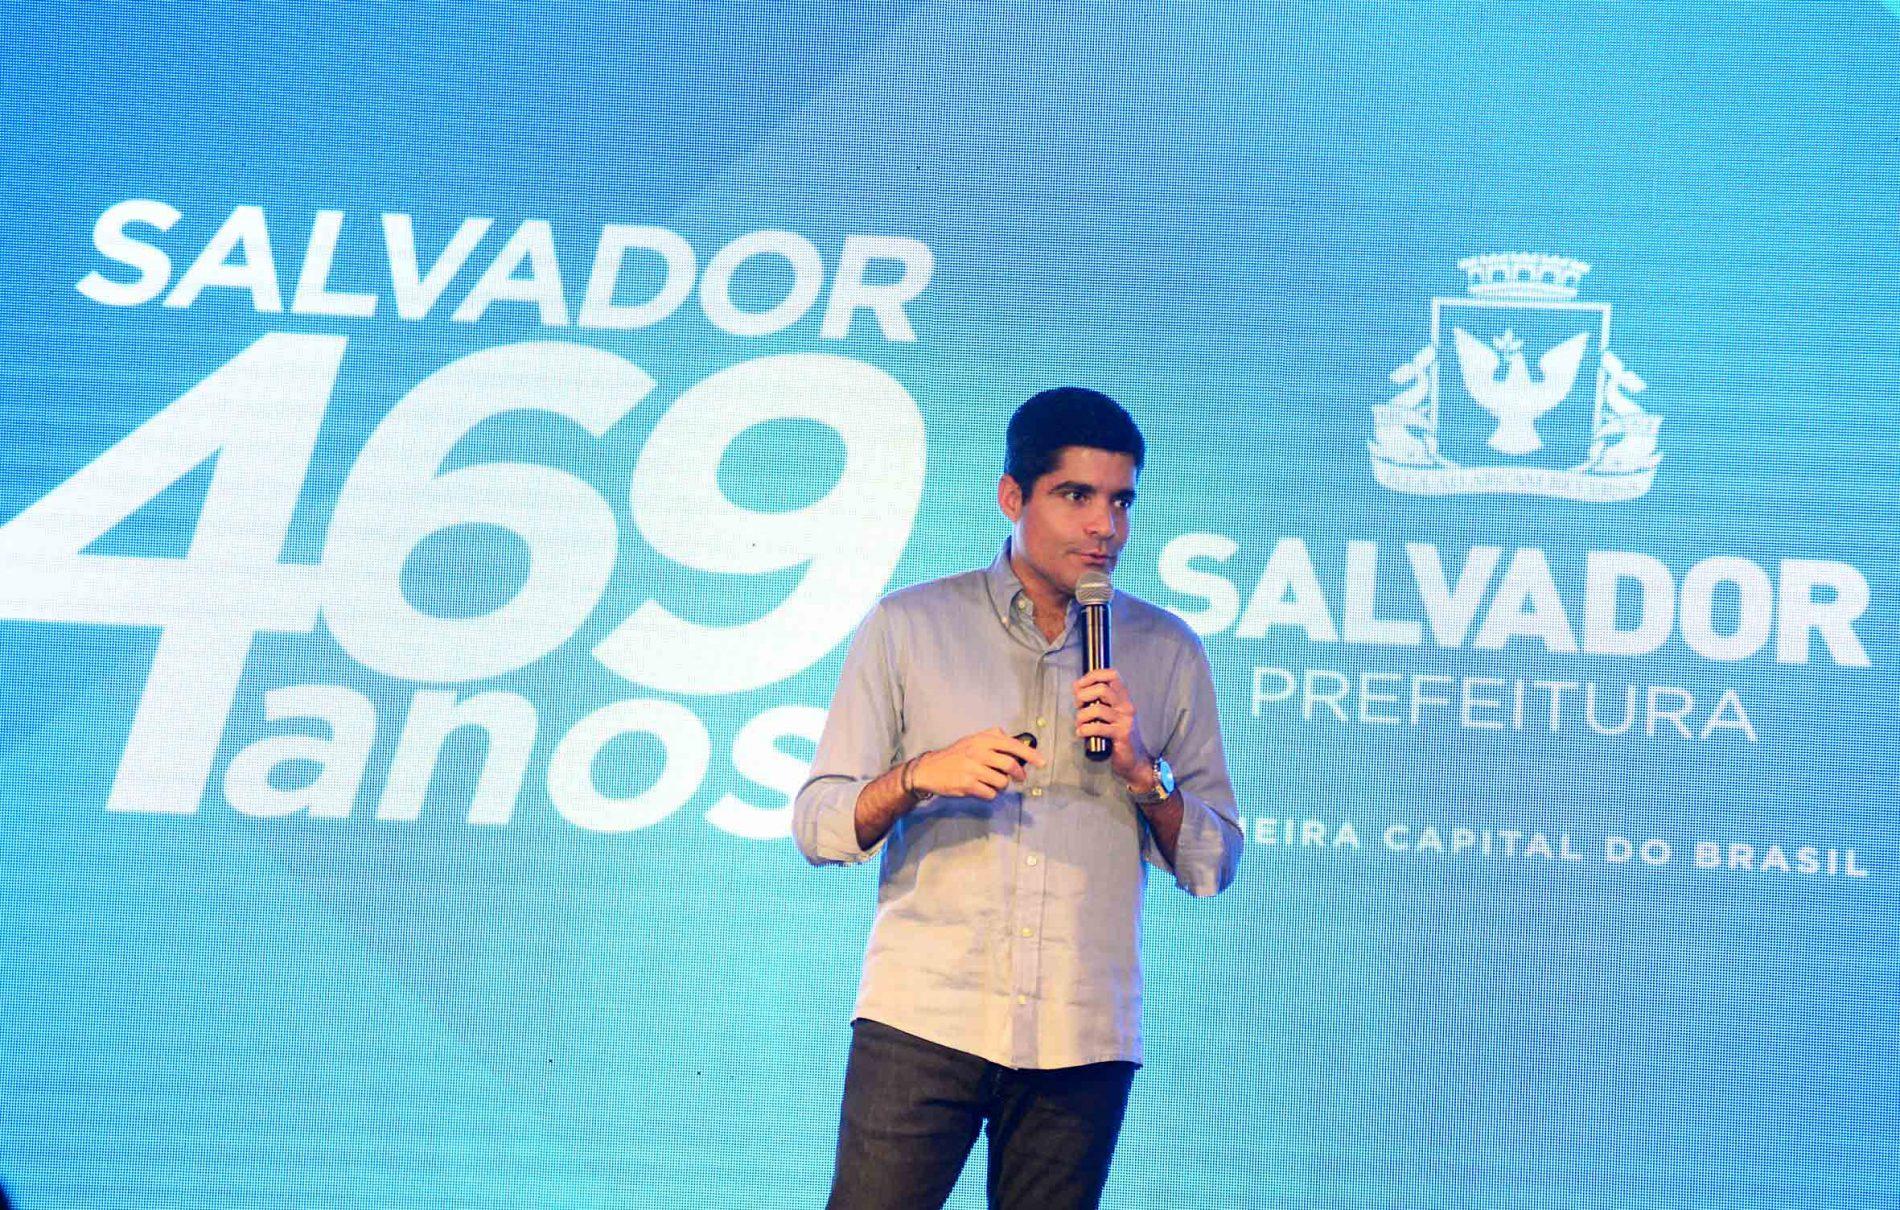 Inaugurações e investimentos marcam aniversário de 469 anos de Salvador